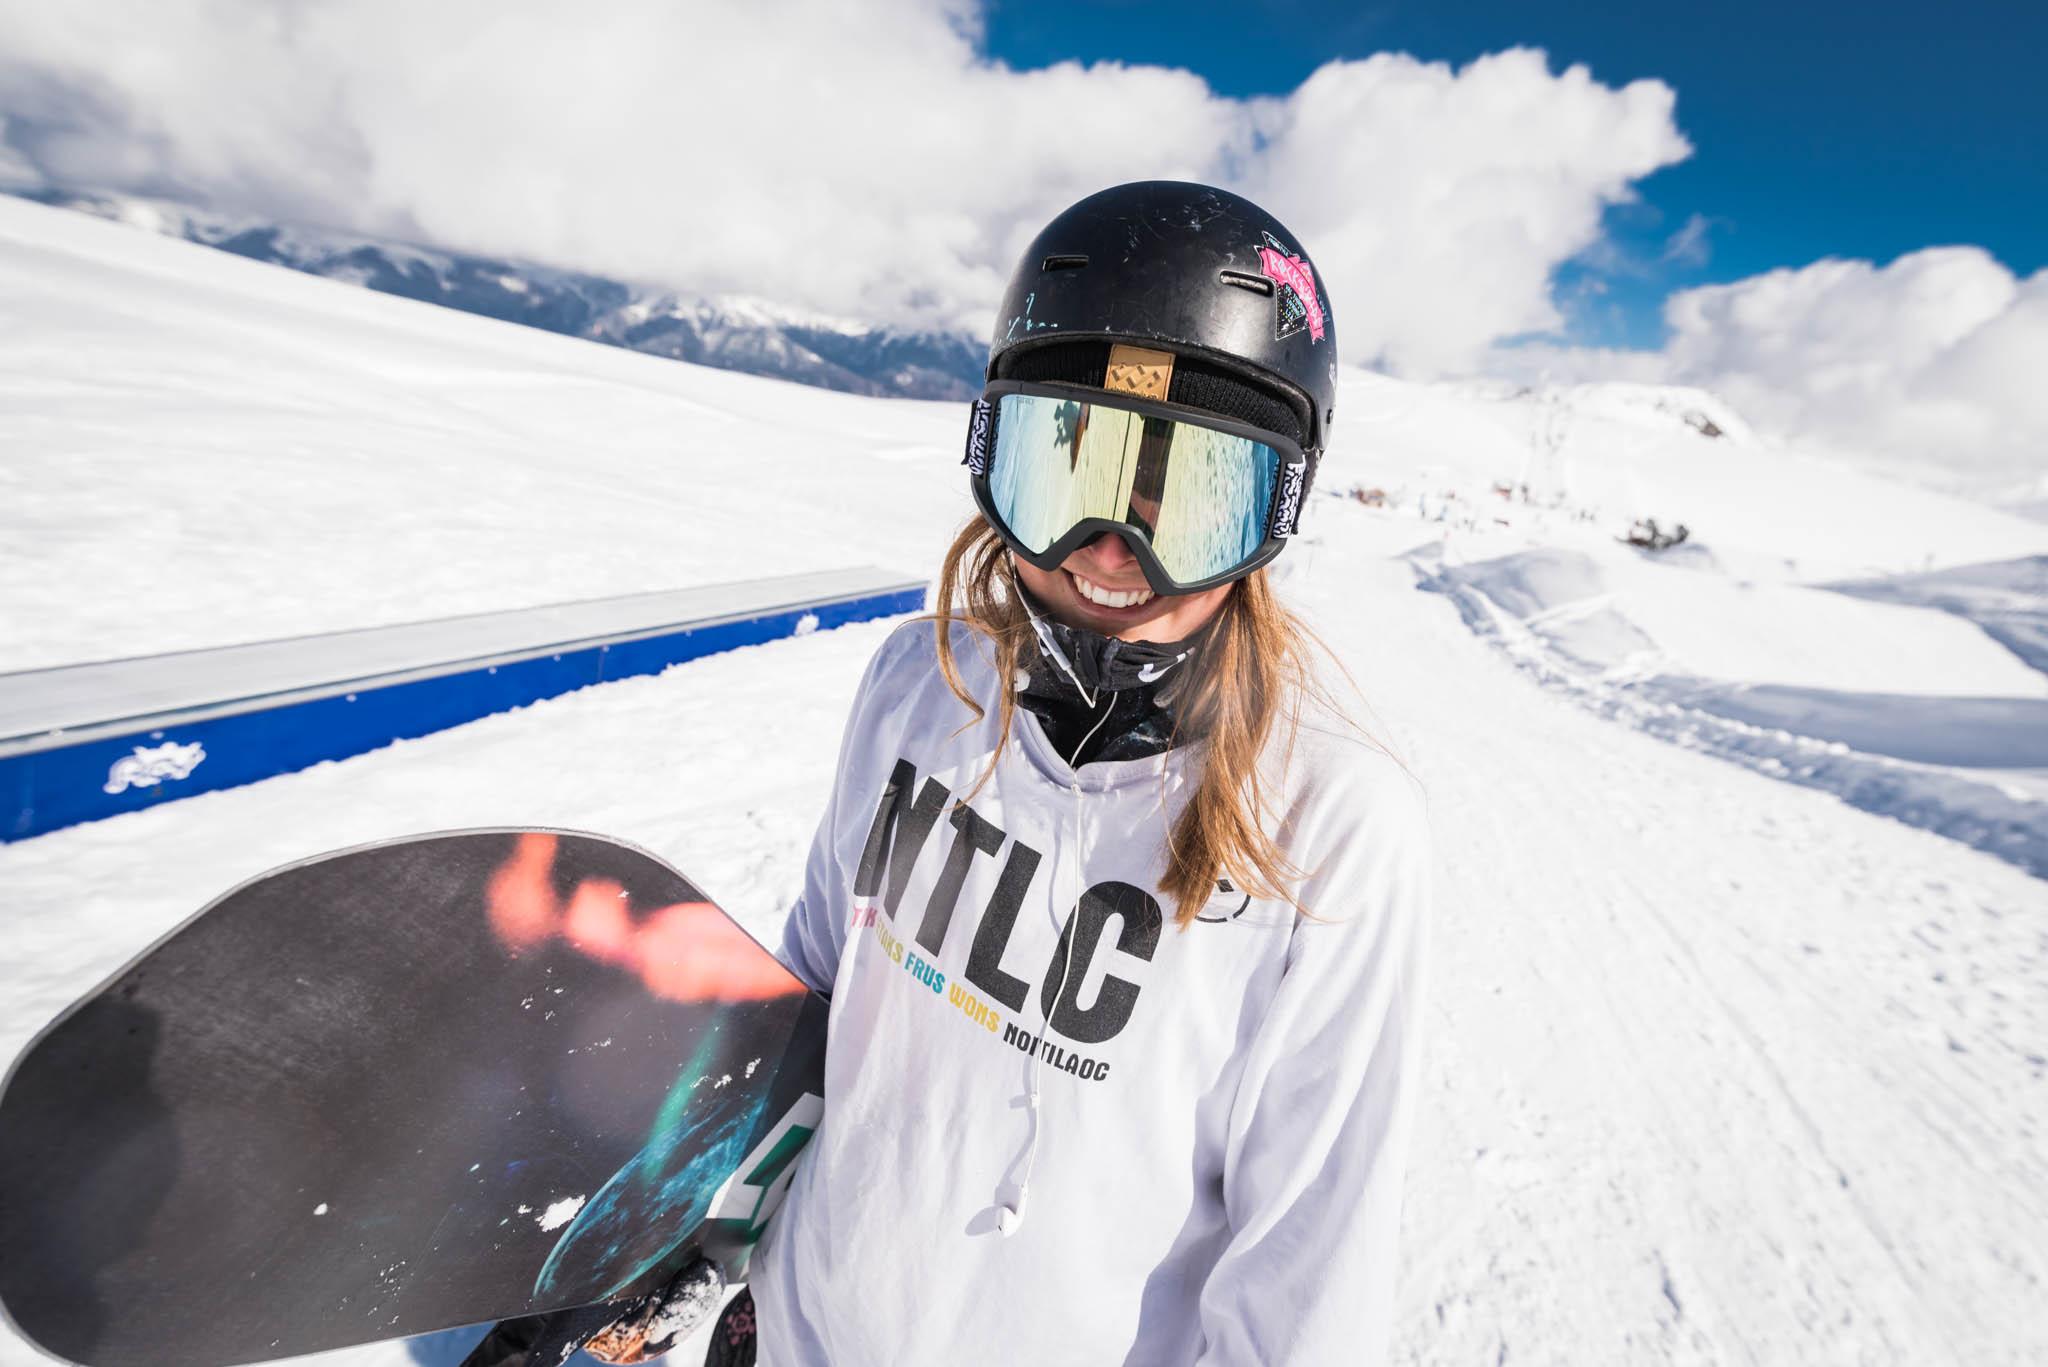 Narty vs Snowboard